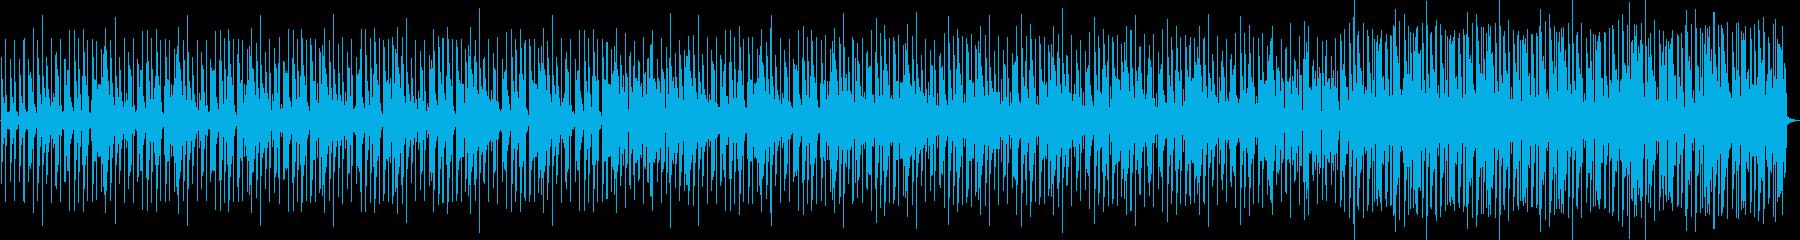 クールな雰囲気のエレクトロニックファンクの再生済みの波形